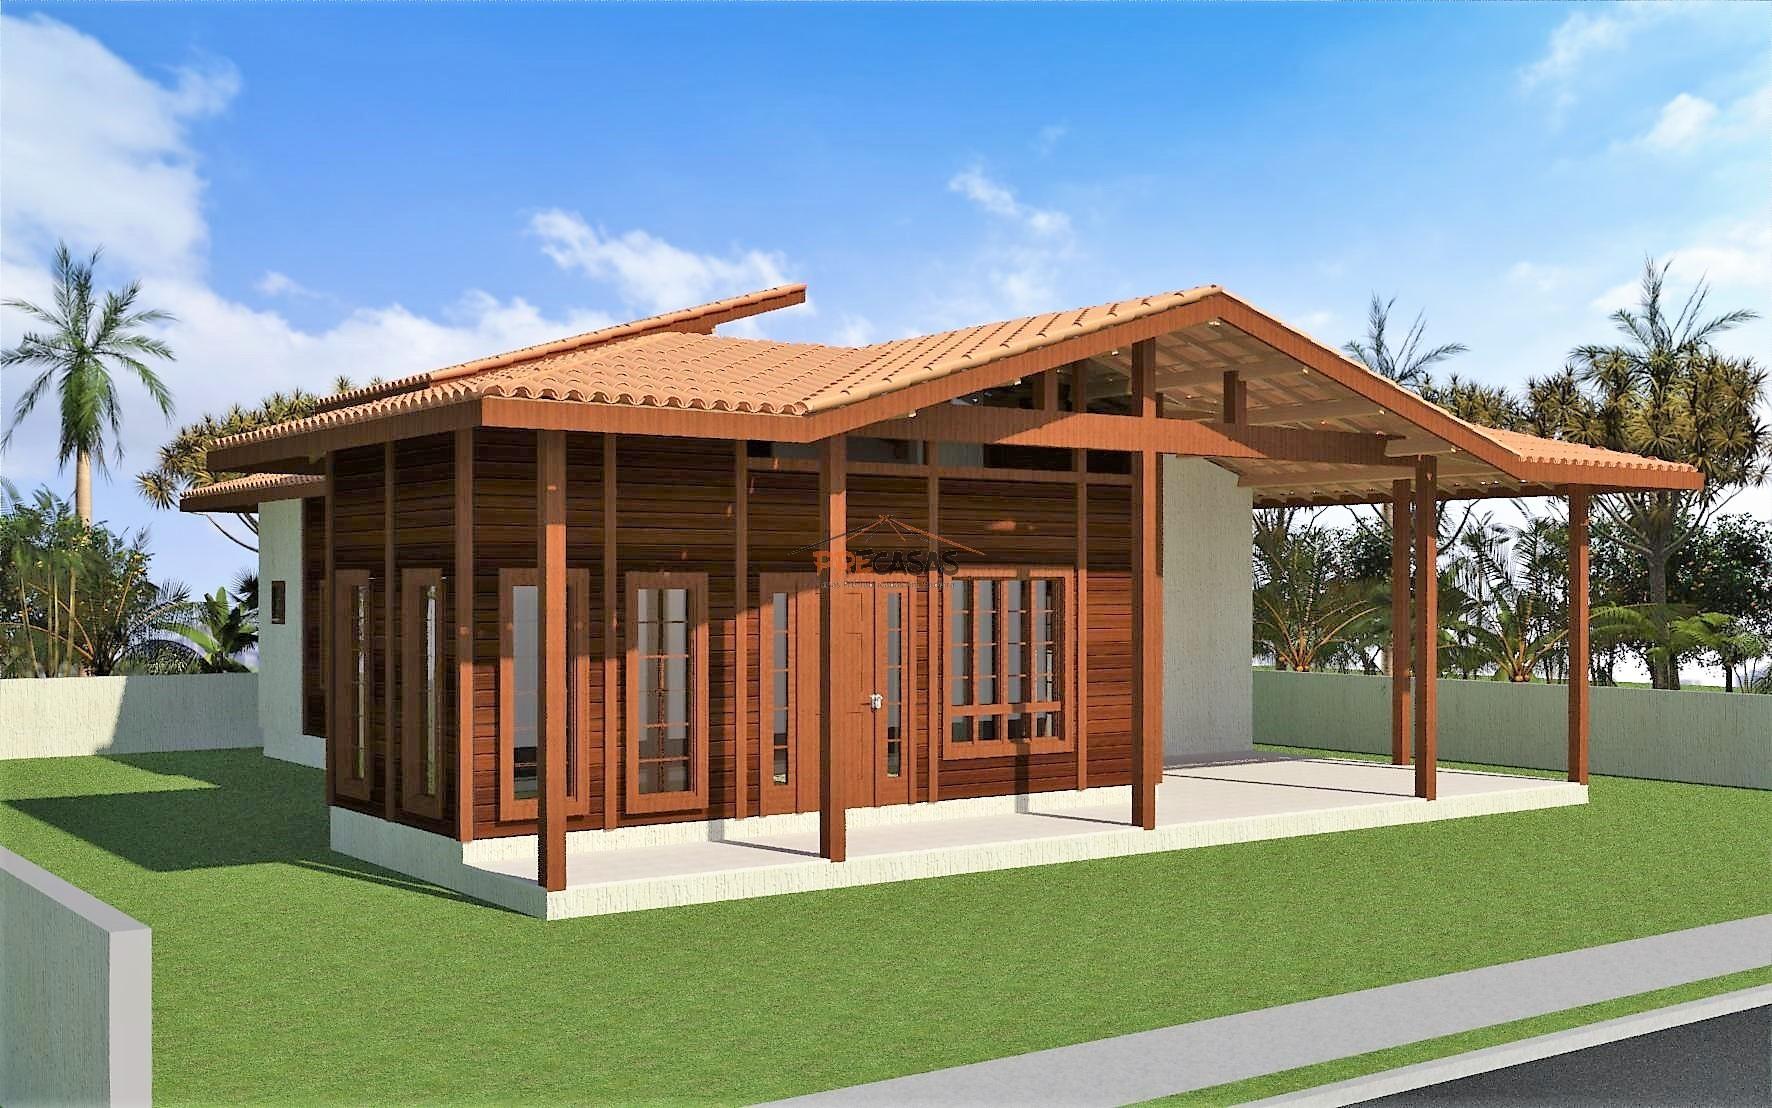 Casa de Madeira - Serra-ES - 138,00 m² - Pré Casas